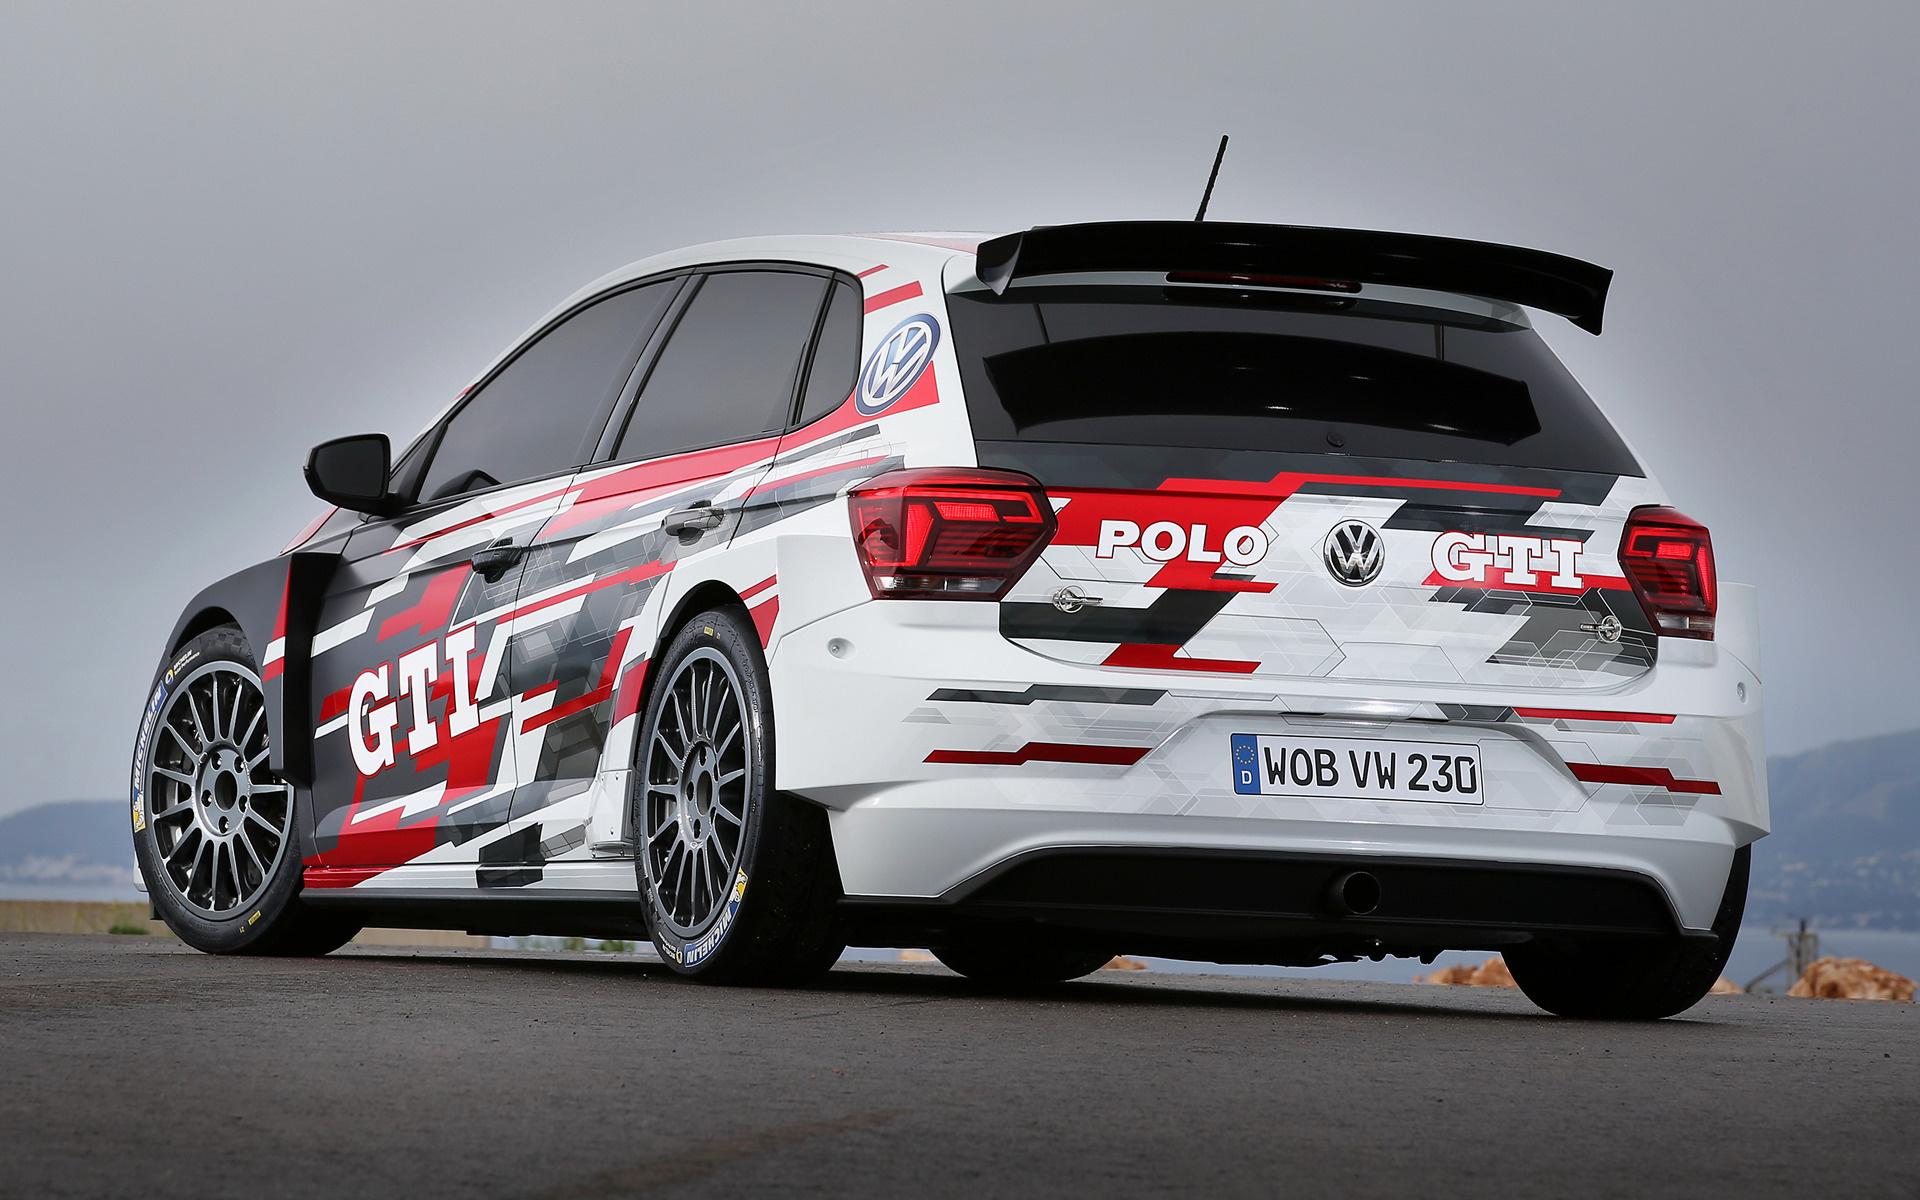 polo gti r5 volkswagen hd wallpapers ws pixel